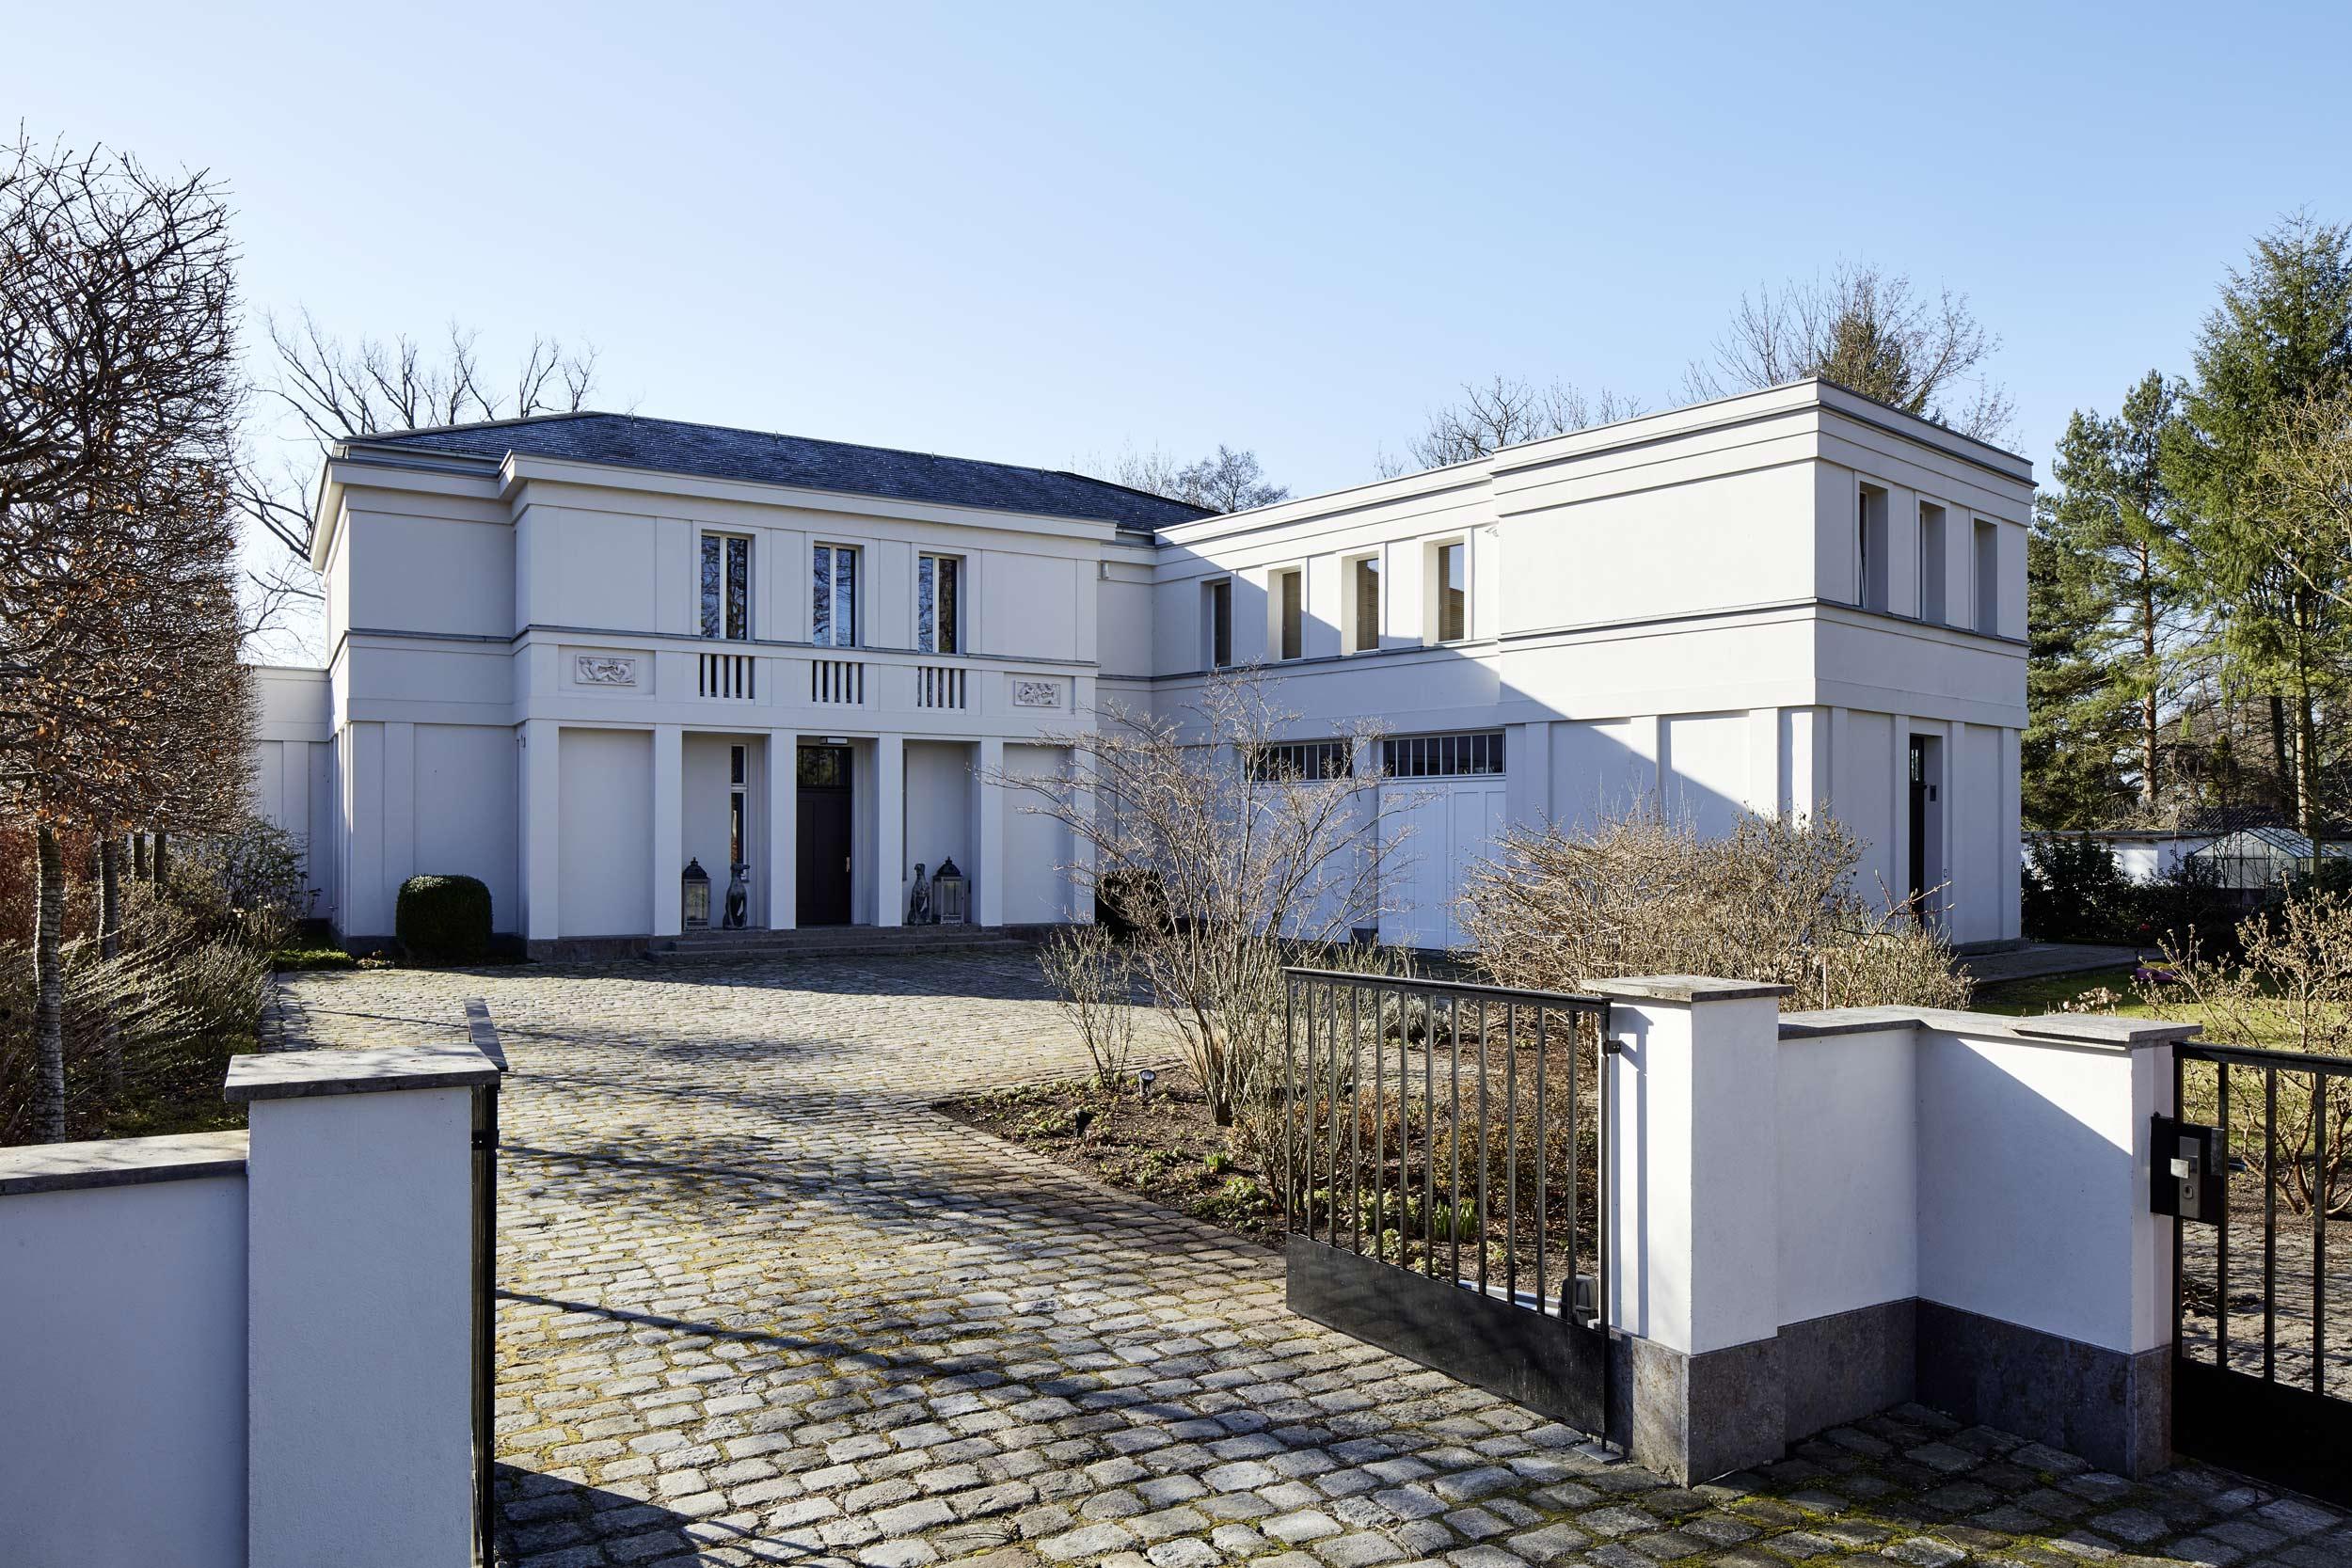 Neubau einer Villa in klassisch-traditioneller Architektursprache am See - Die Vorfahrt zur Villa mit Hauptportal und Nebengebäude